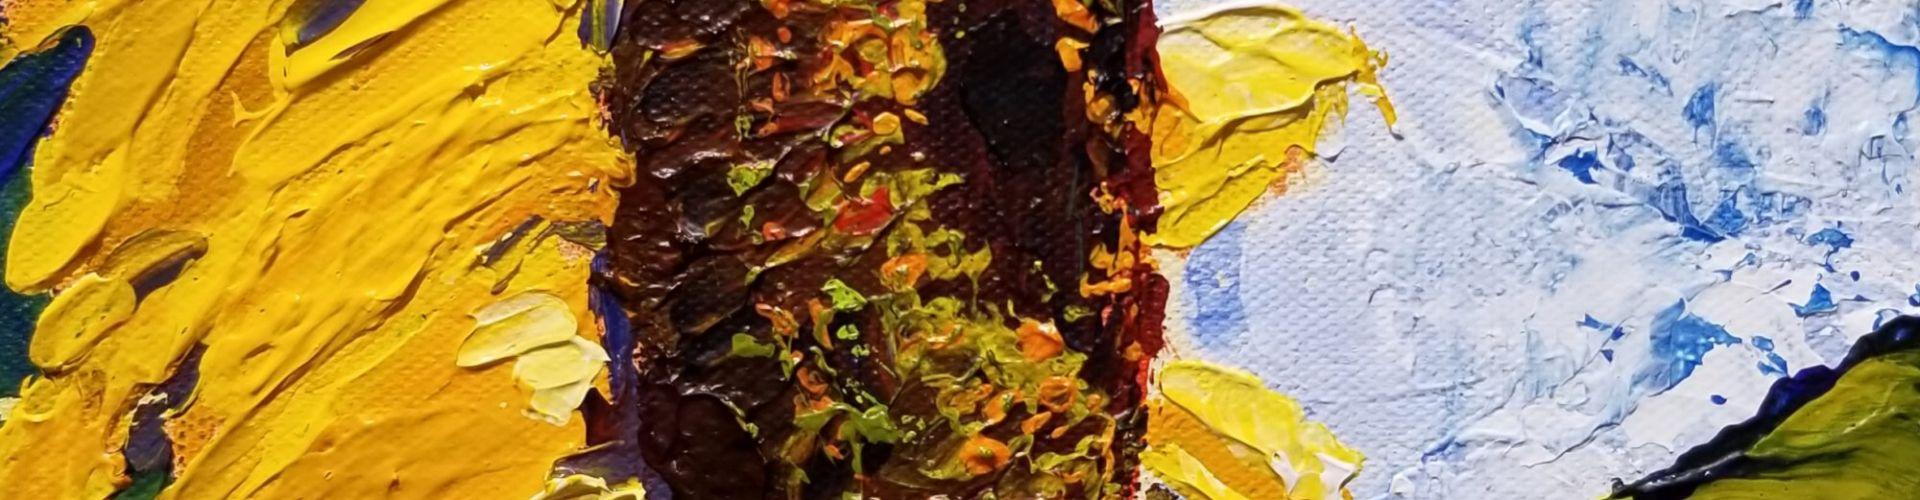 Sunflower painting by Linda Lovisa